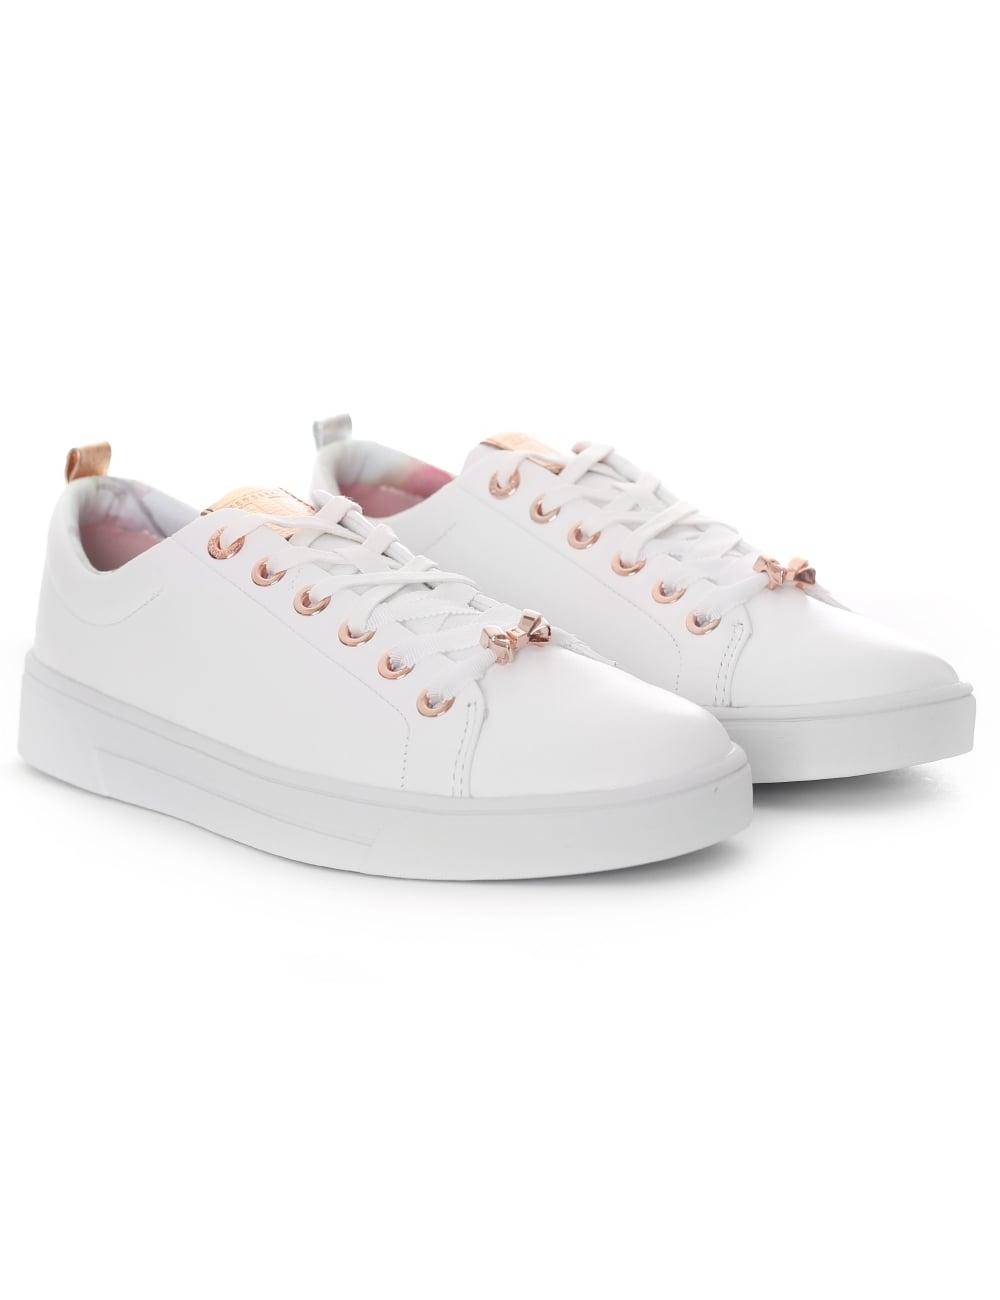 121bccd45ca64e Ted Baker Women s Kellei Leather Sneaker